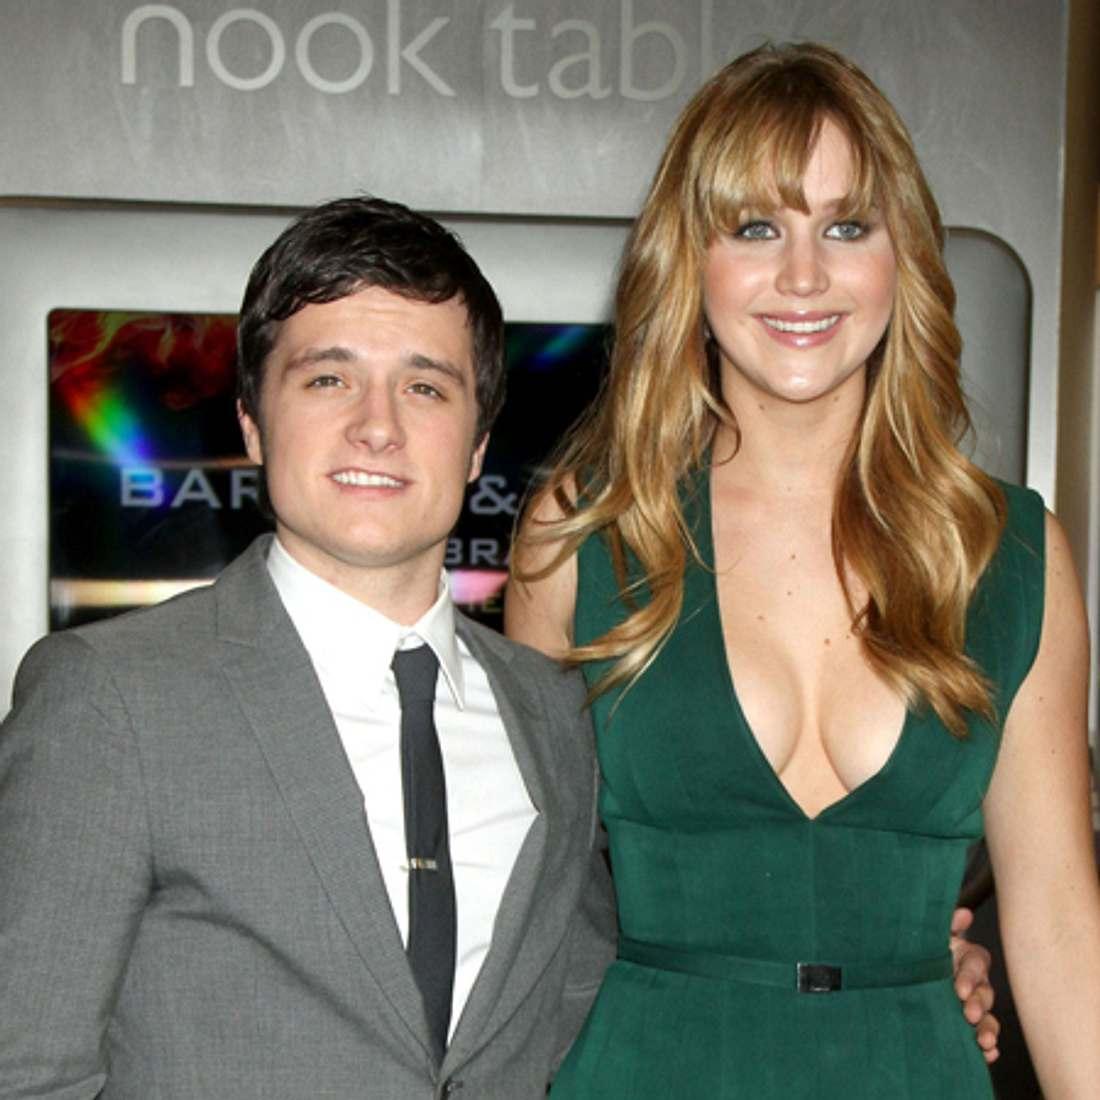 Josh Hutcherson packt aus: So war der Kuss mit Jennifer Lawrence